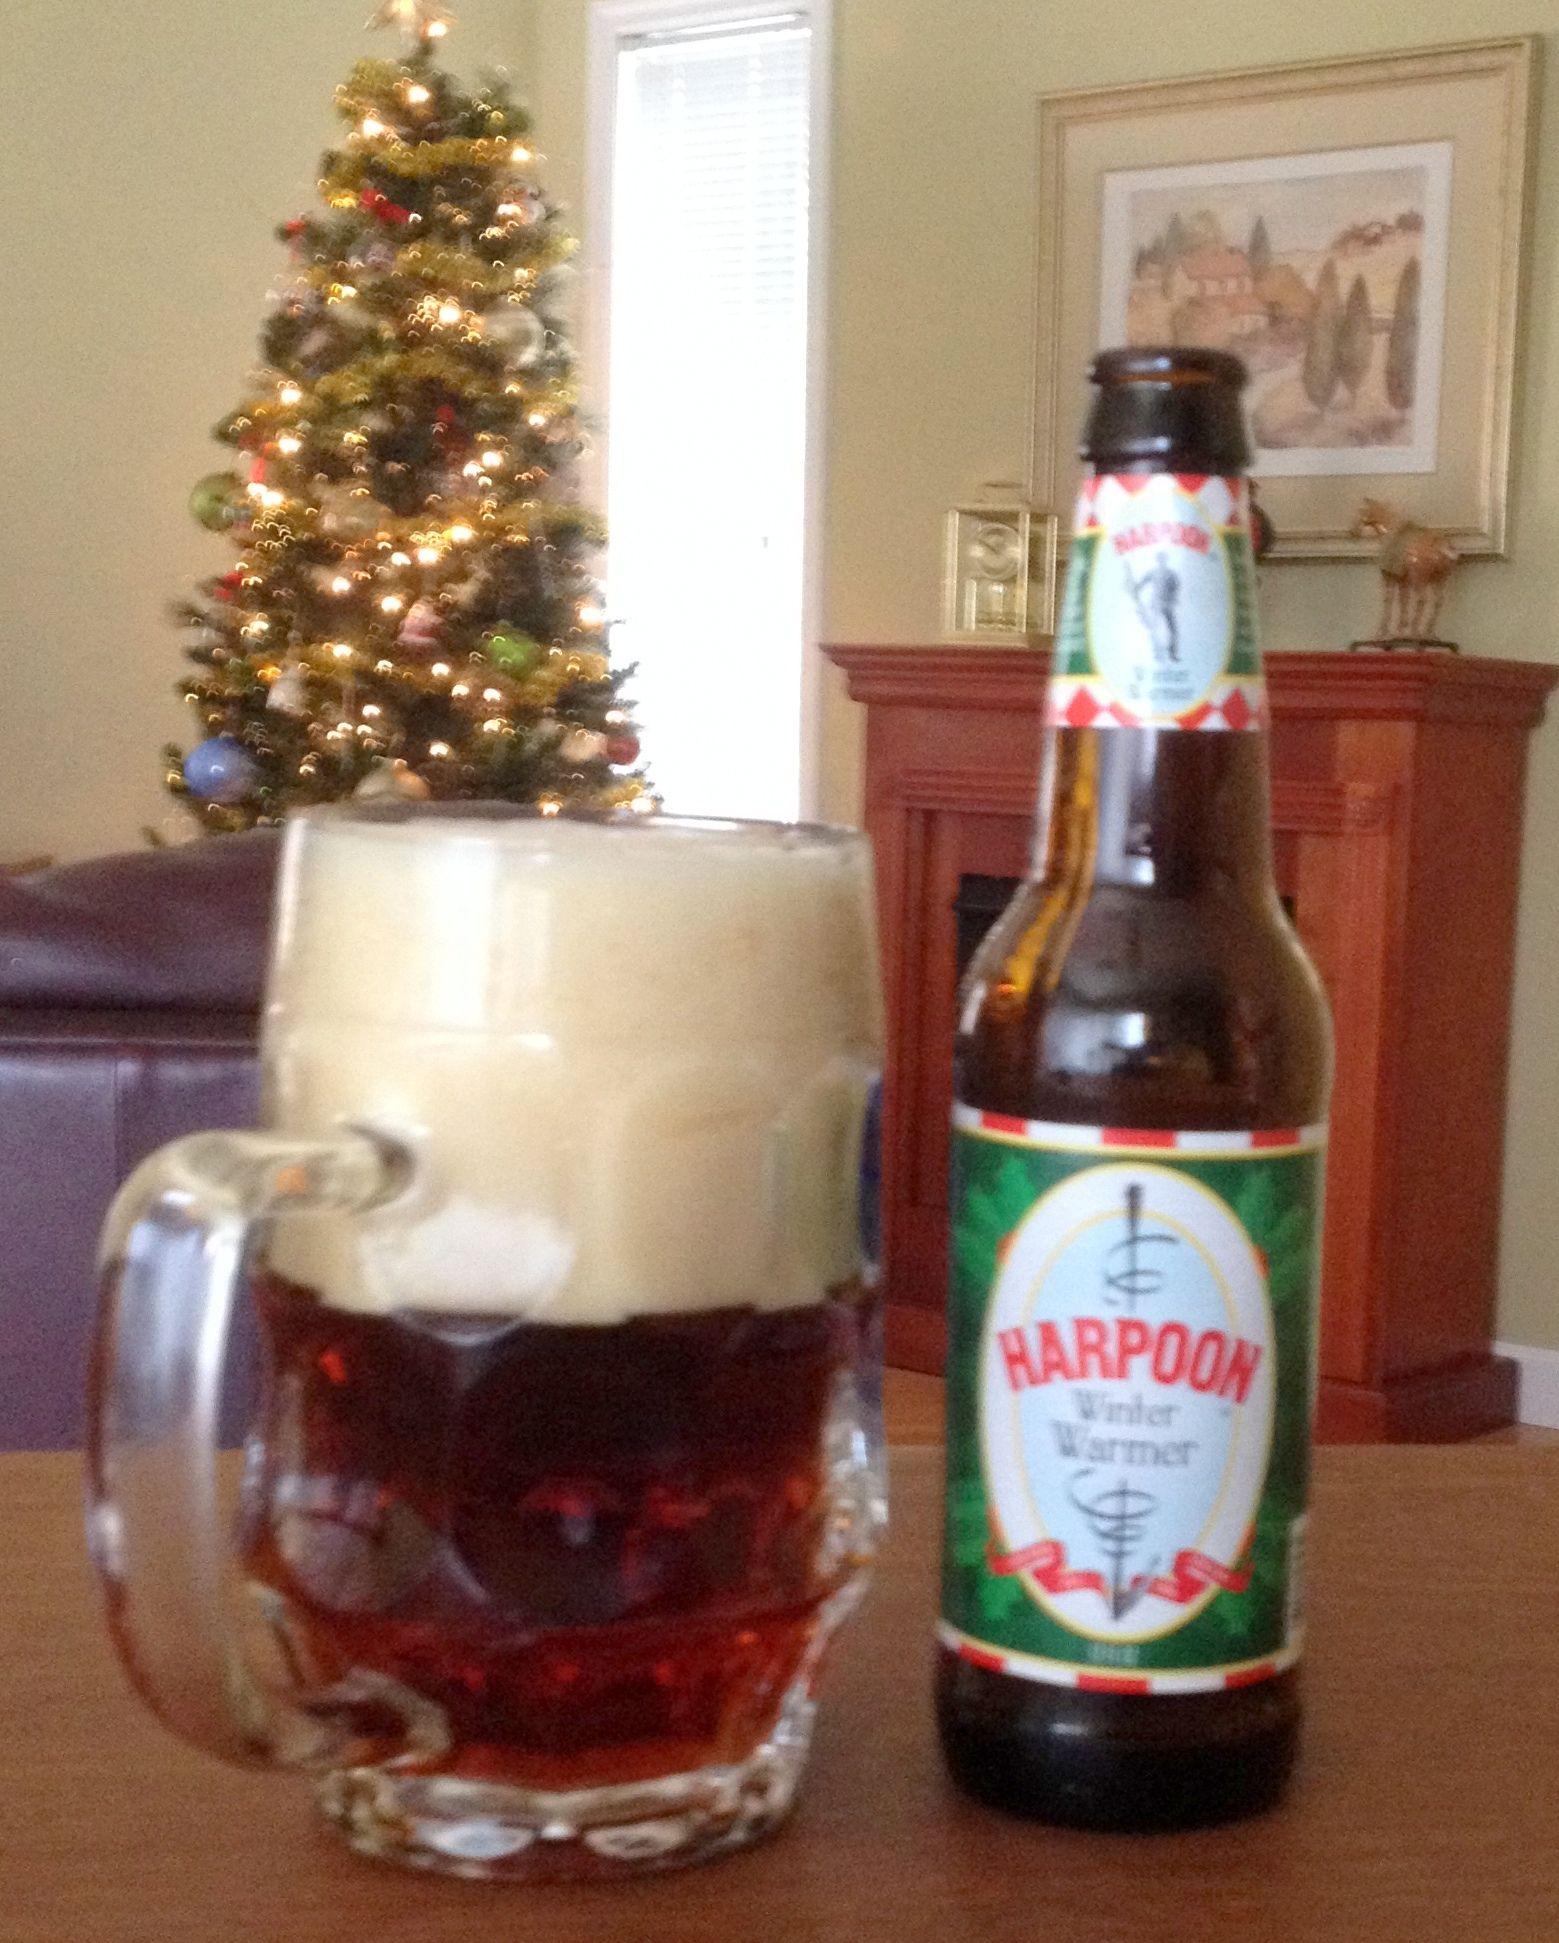 Harpoon Winter Warmer | Beer | Pinterest